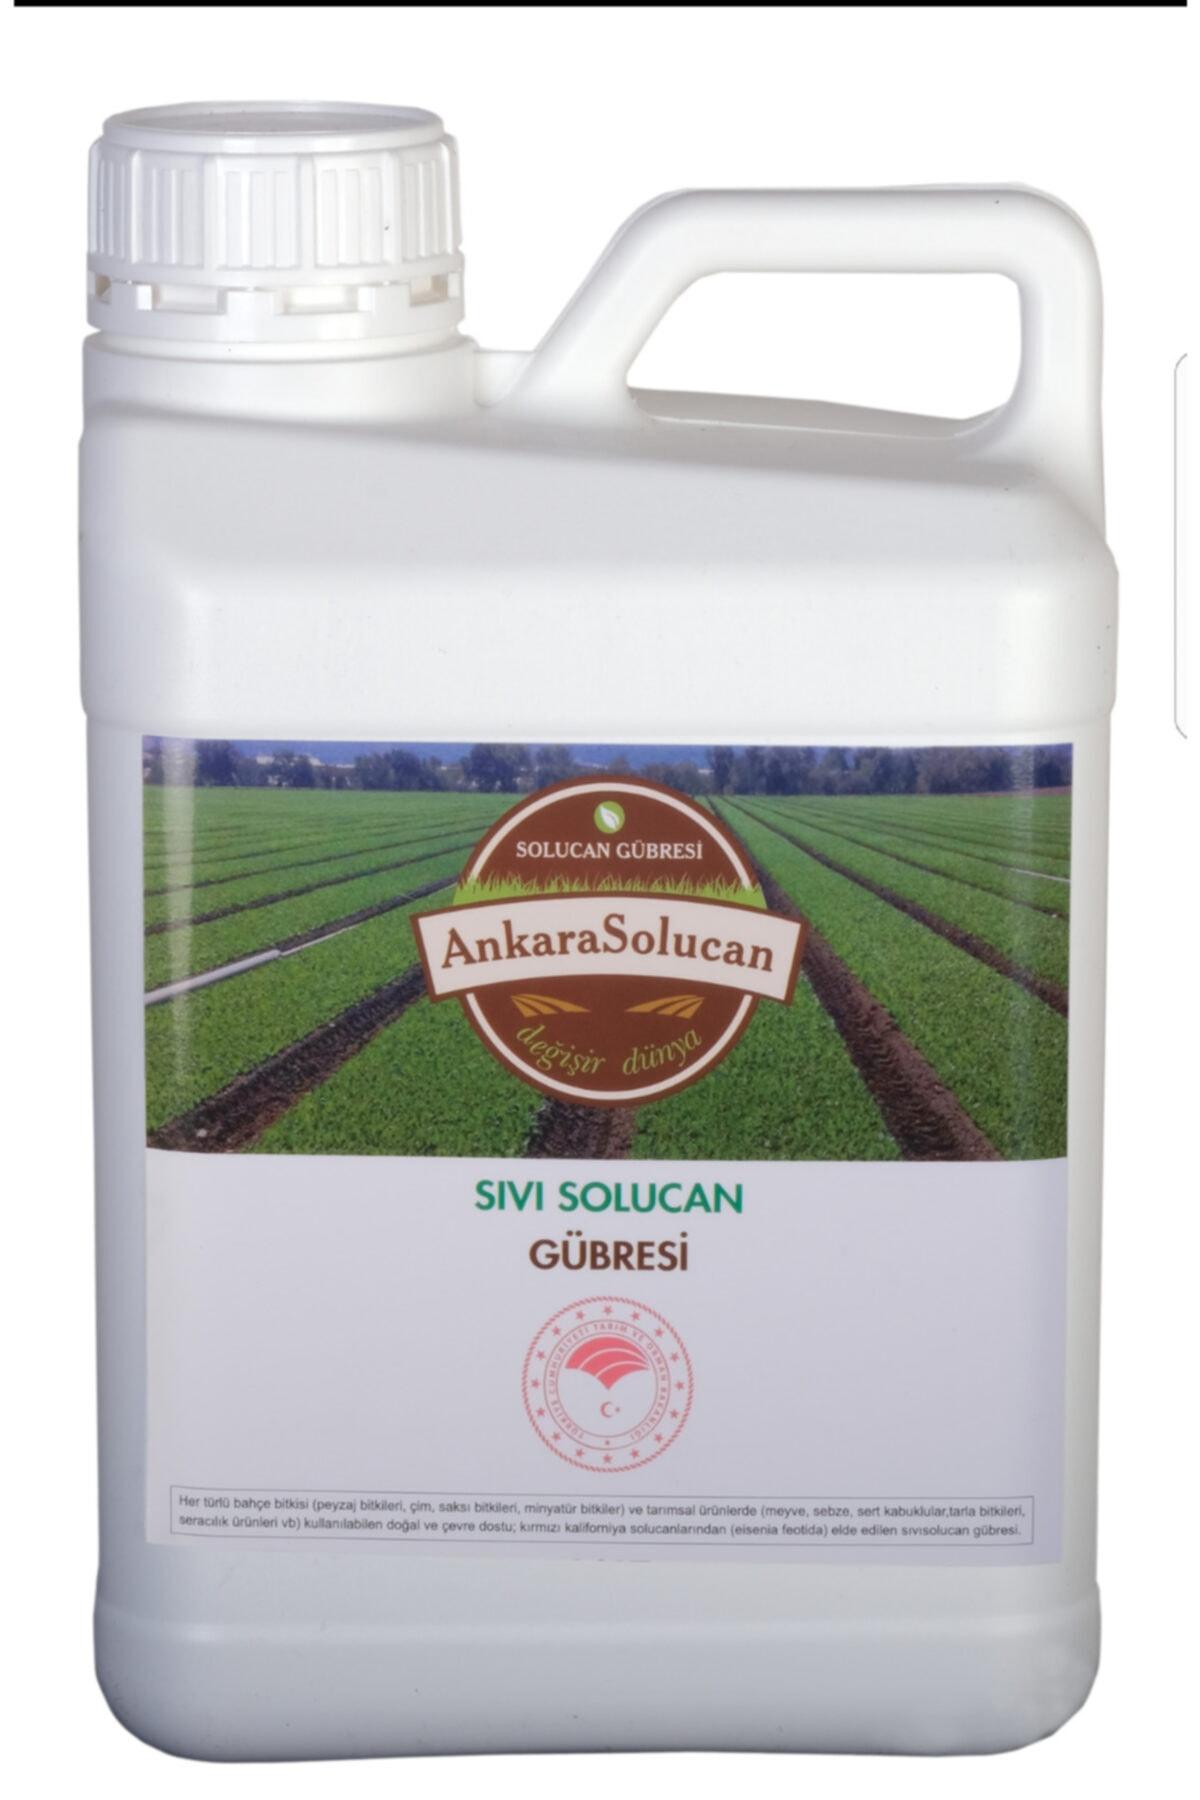 Soğuk Sıkım Solöm Sıvılı Solucan Gübresi 5.lt Ürünlerimiz Tarım Bakanlığından Tescil Ve Onaylı Dır